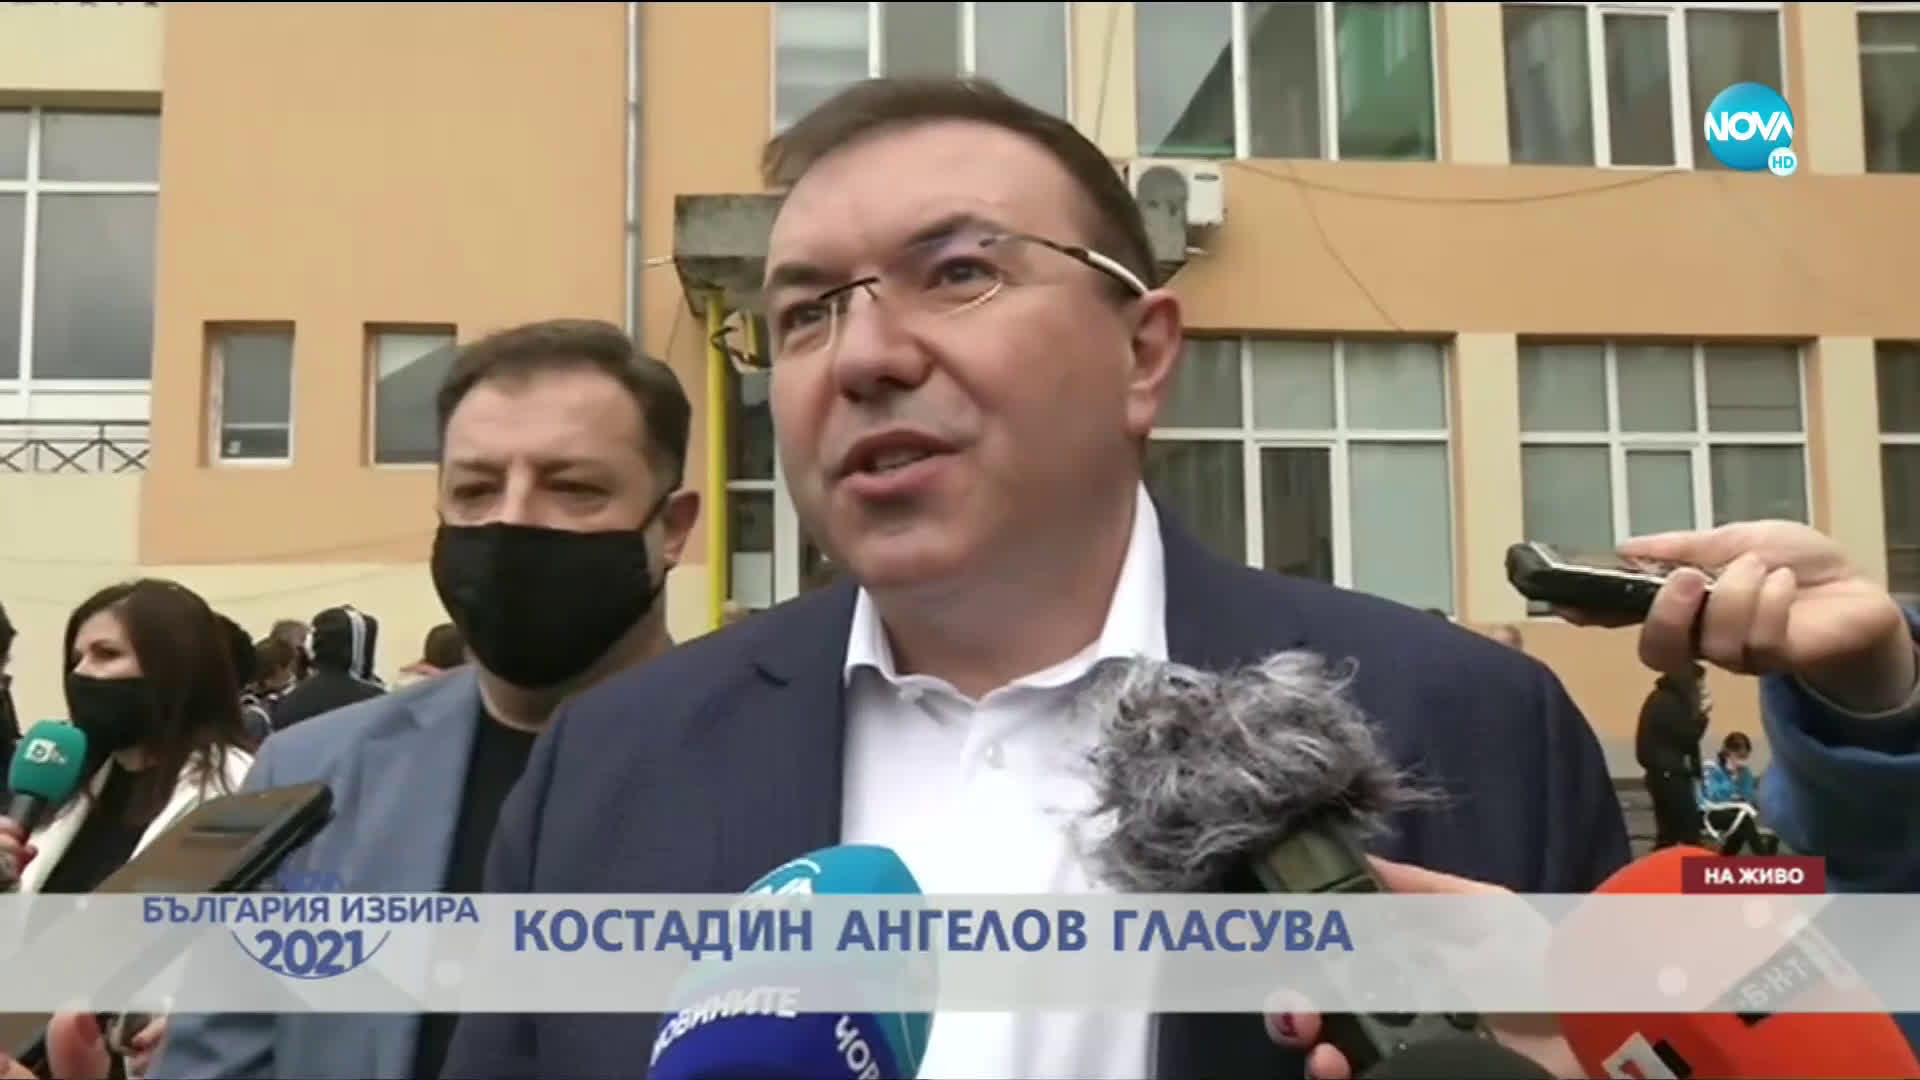 Проф. Ангелов: Гласувах за здравето и спокойствието на хората